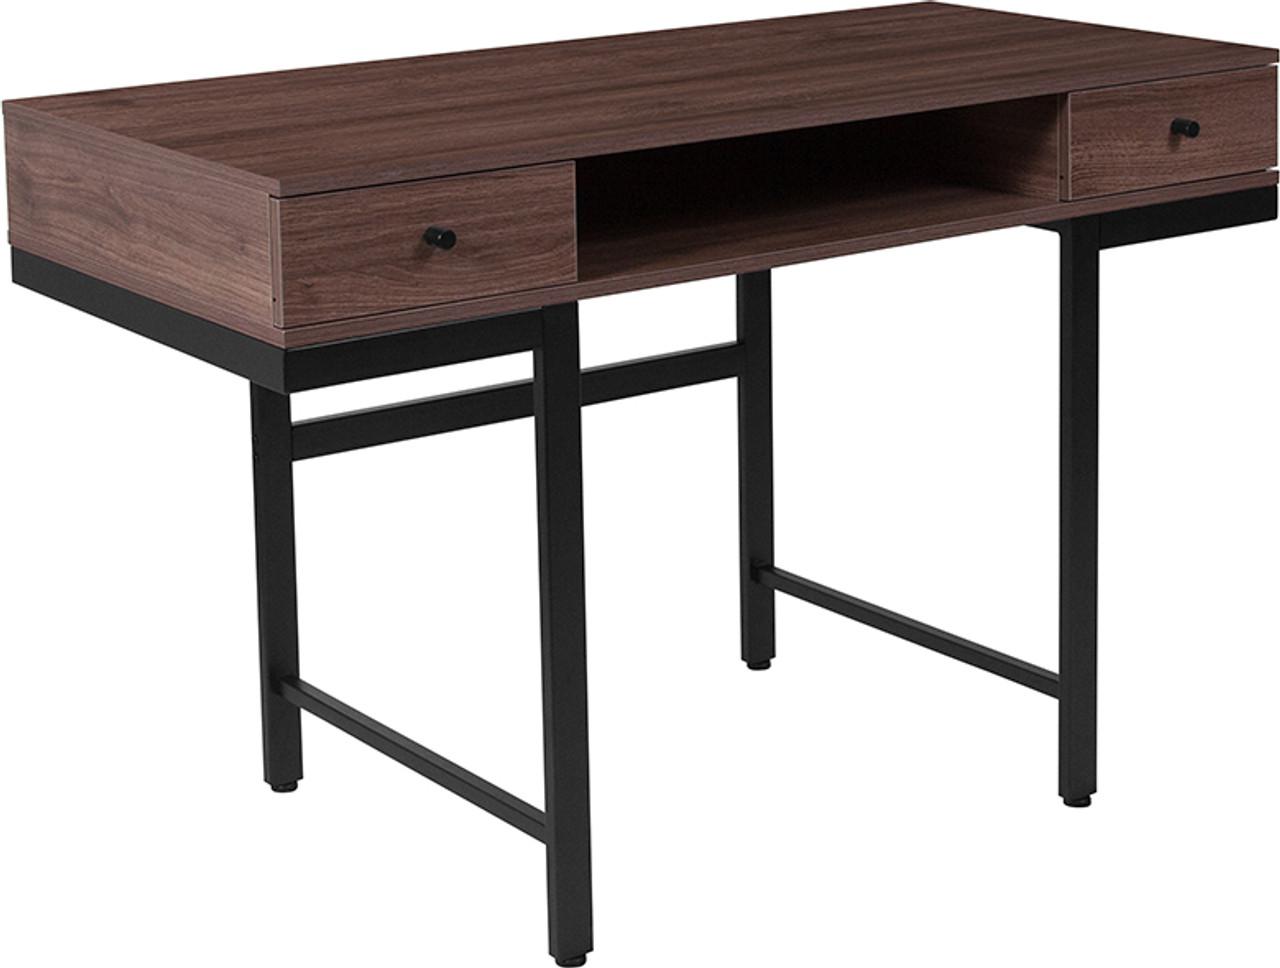 Flash Furniture Bartlett Dark Ash Wood Grain Finish Computer Desk